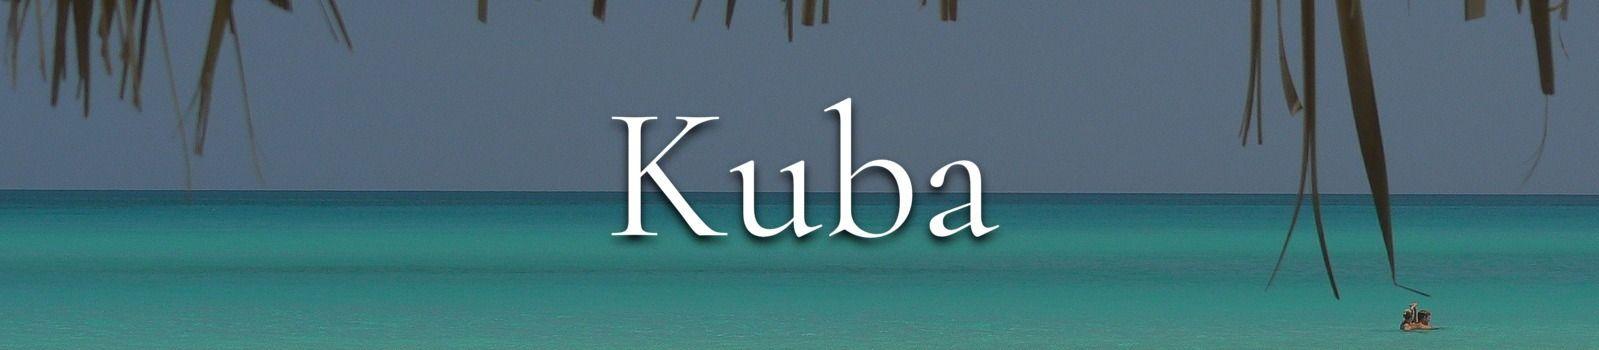 Kuba Banner